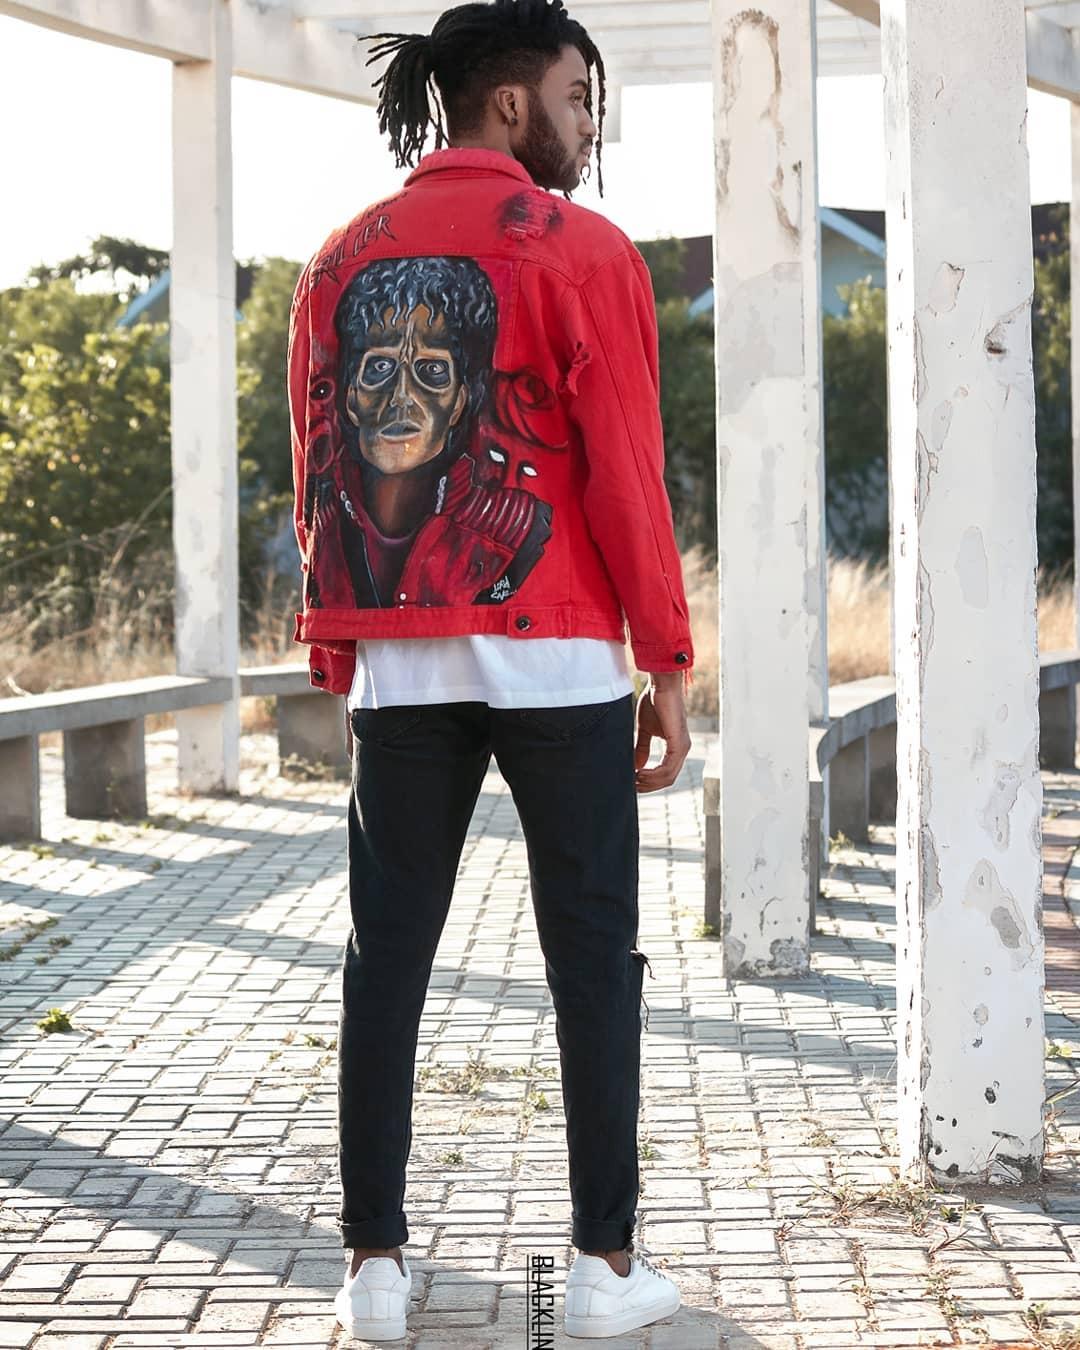 Mertin Luwis - Com uma obra de arte destas no casaco @freshofficial_angola, não há chances de ficar fora do nosso top!Foto : @jcesarofficial @blacklineproduction_official